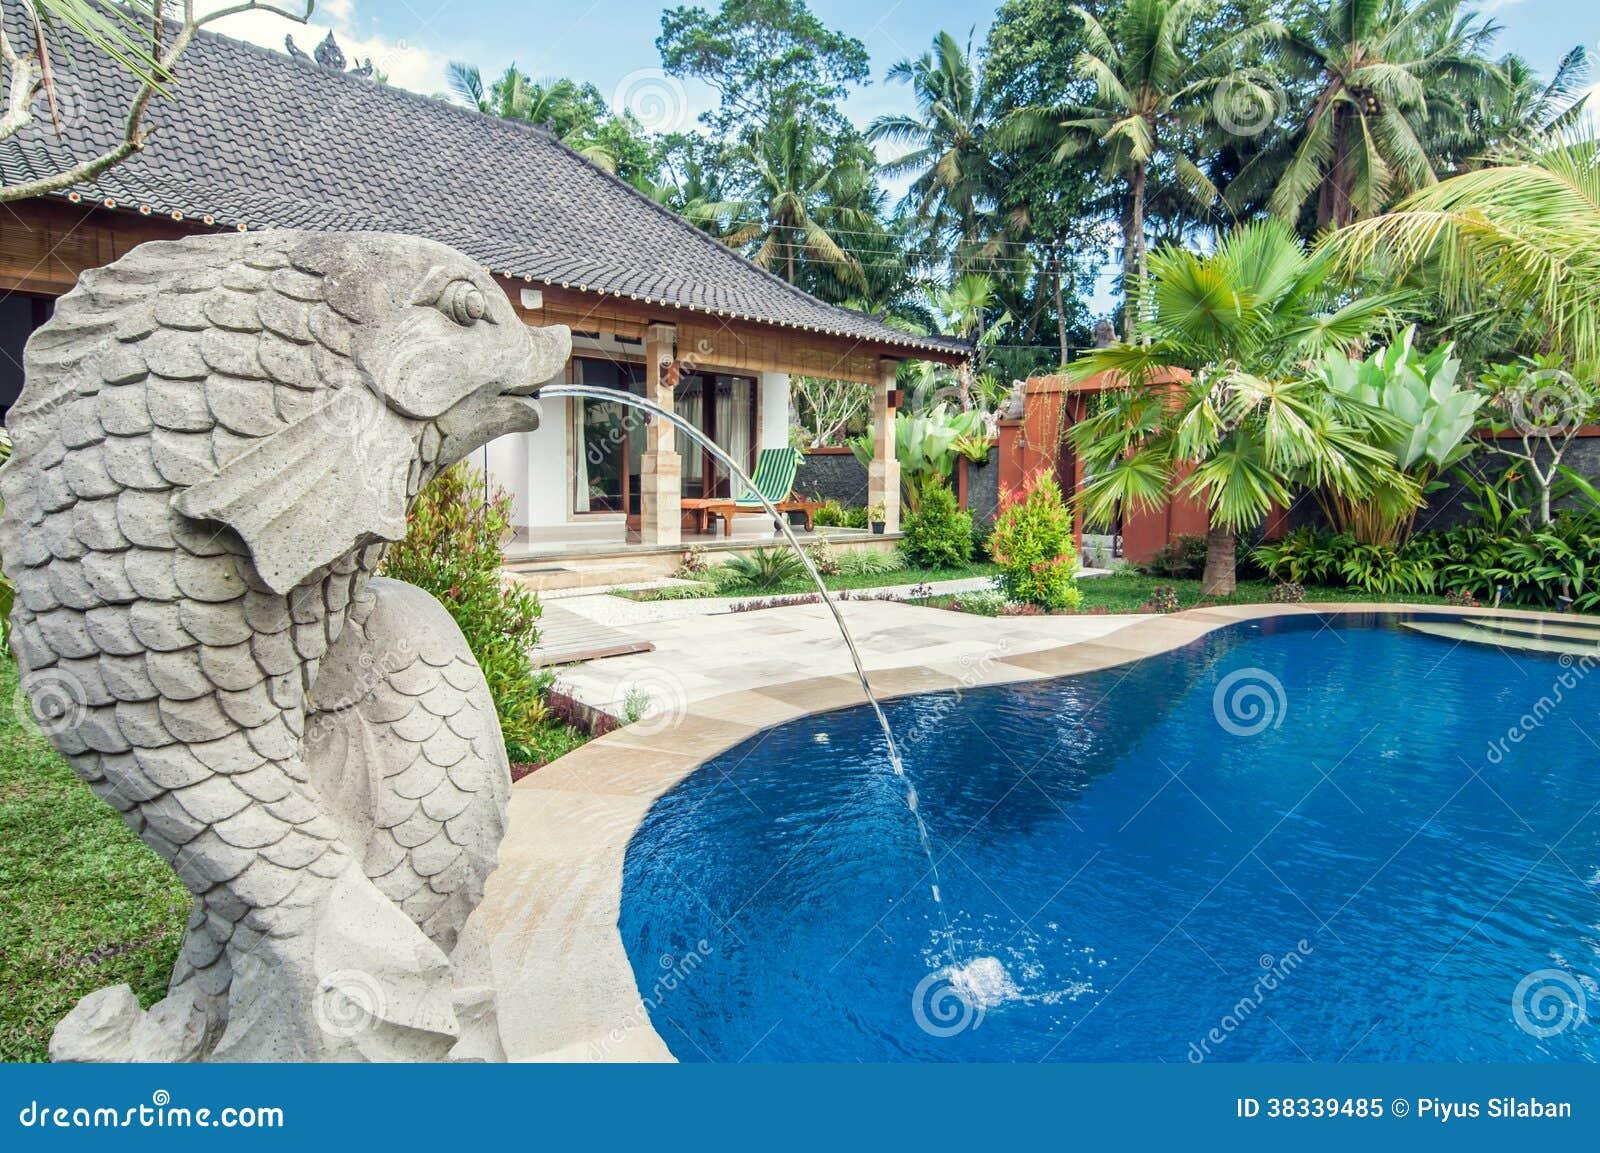 Villa de luxe avec la piscine ext rieure image stock for Prix piscine exterieure